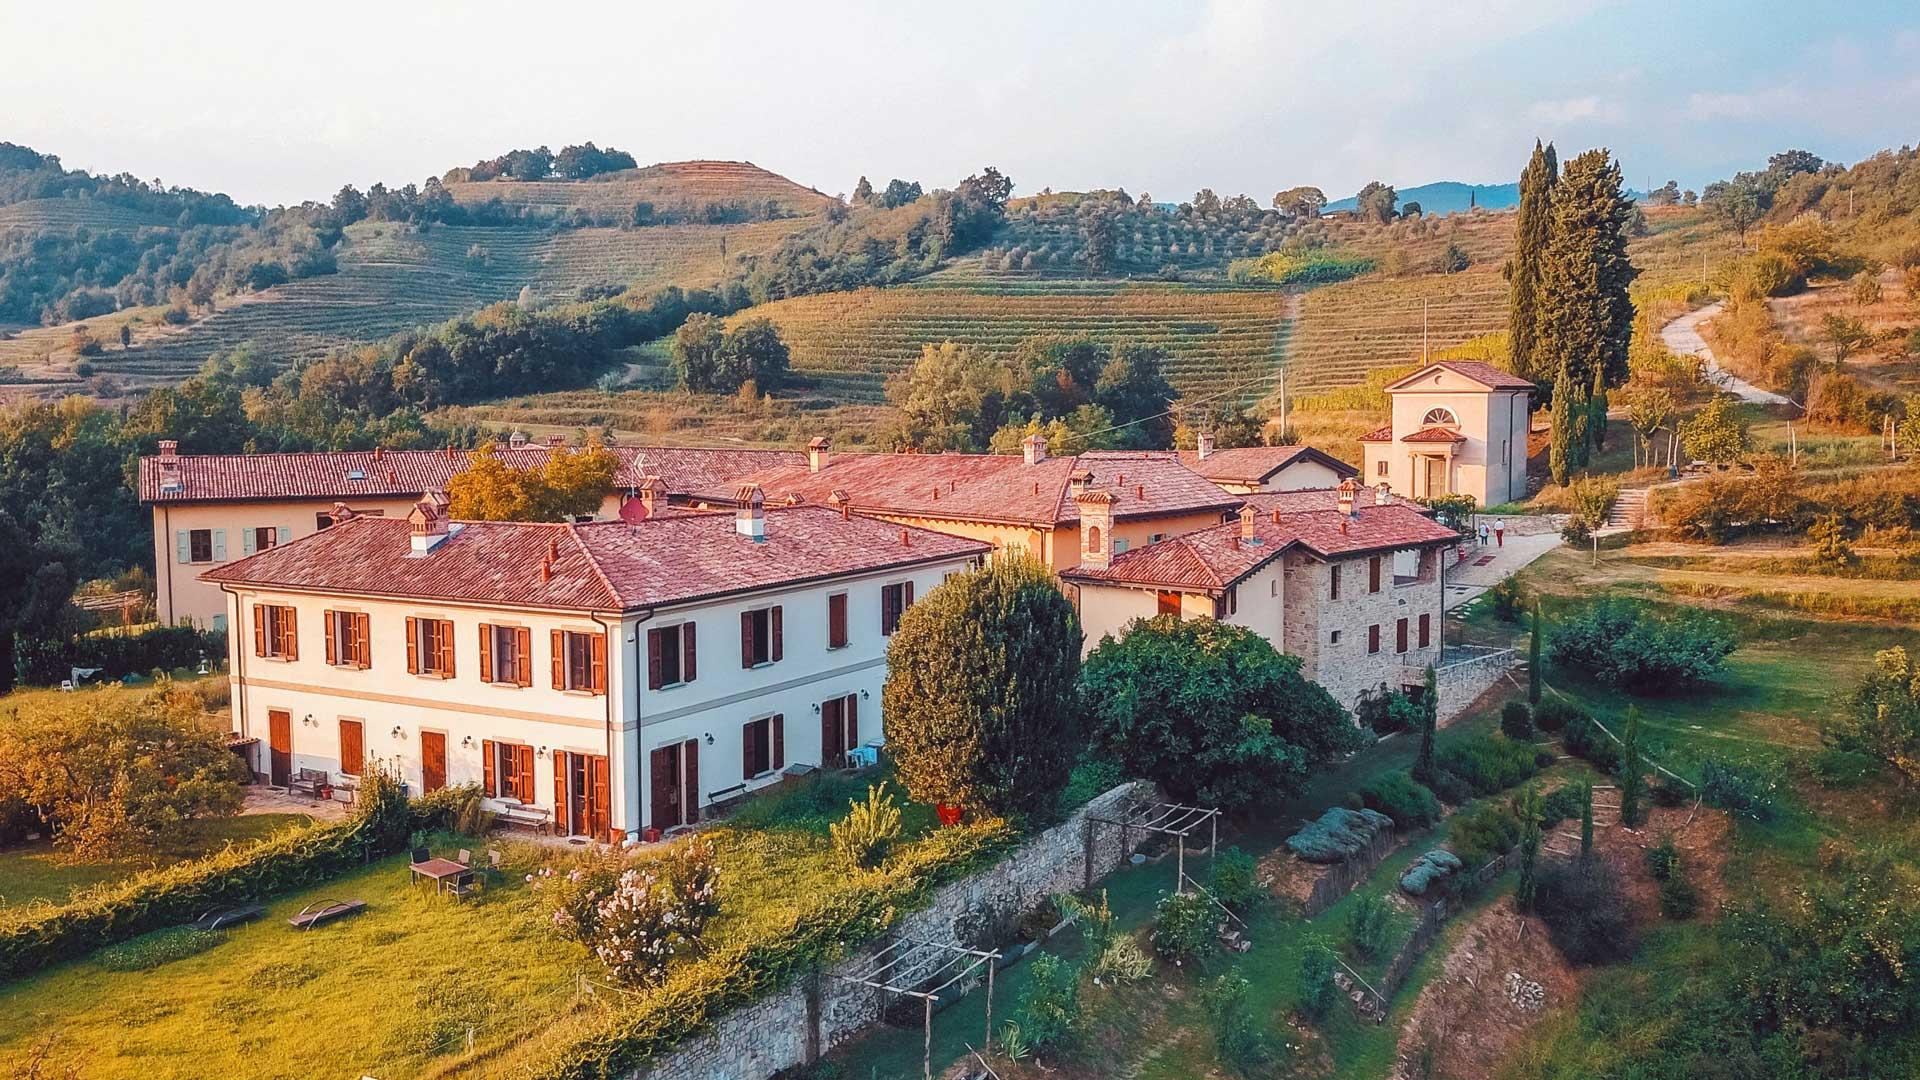 Oasi-Galbusera-Bianca-Dove-fare-workation-Level-Office-Landscape